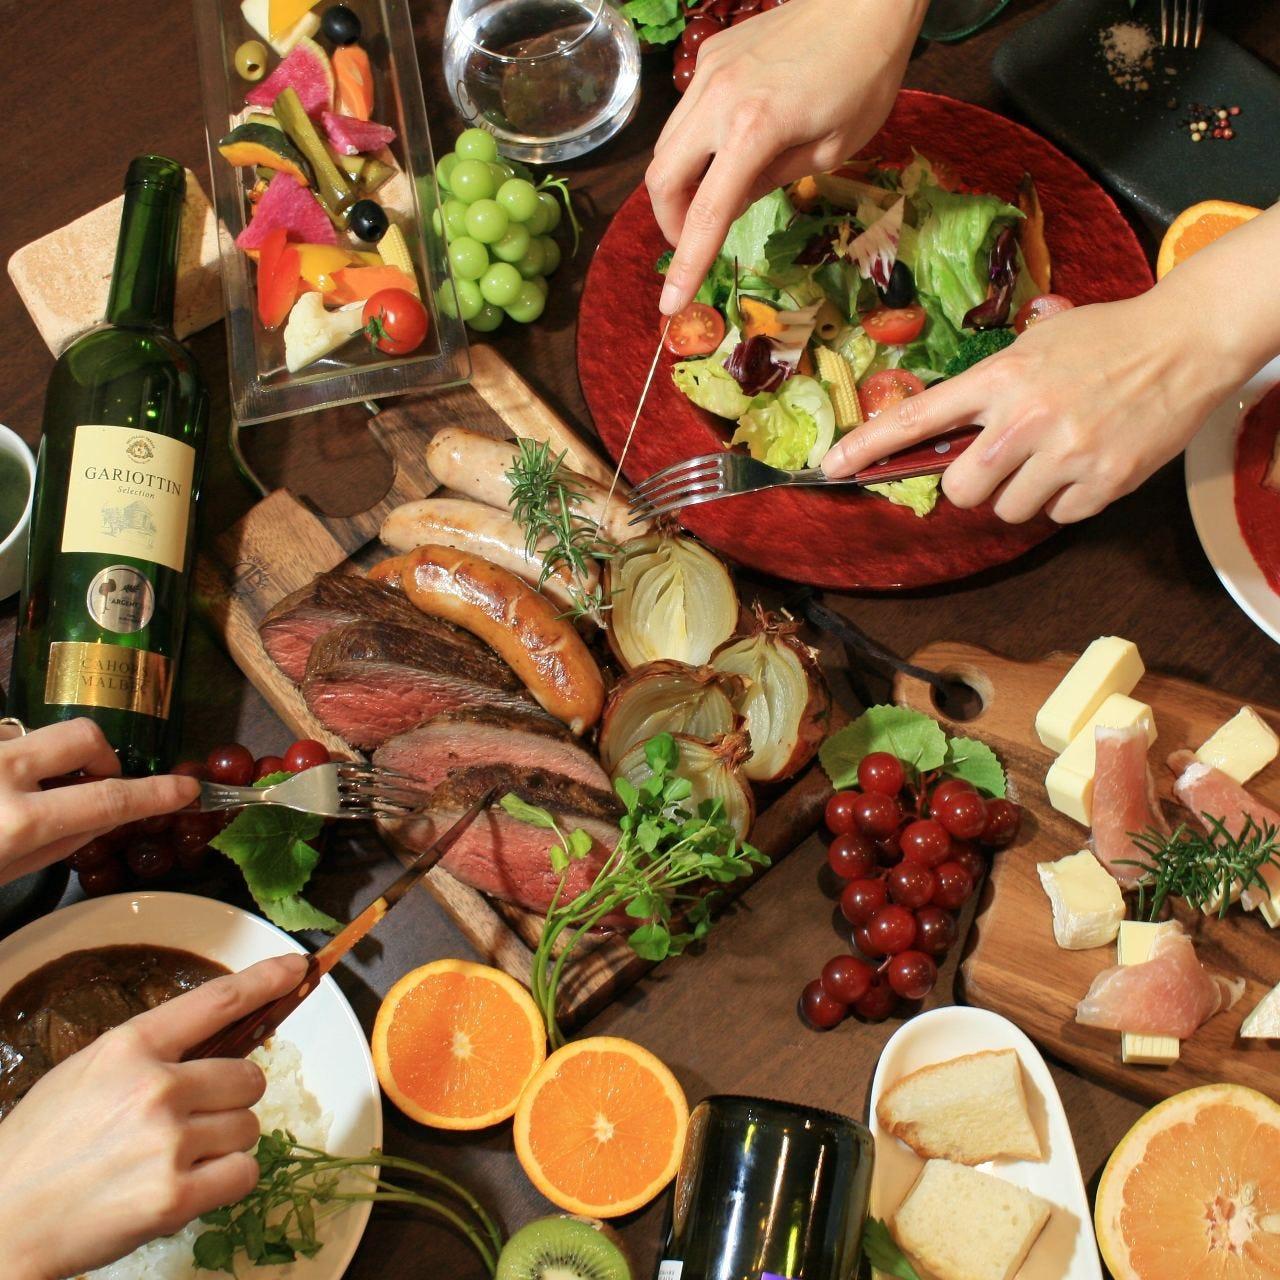 シュラスコ、サラダ、お酒、テーブルの上は賑やかに♪